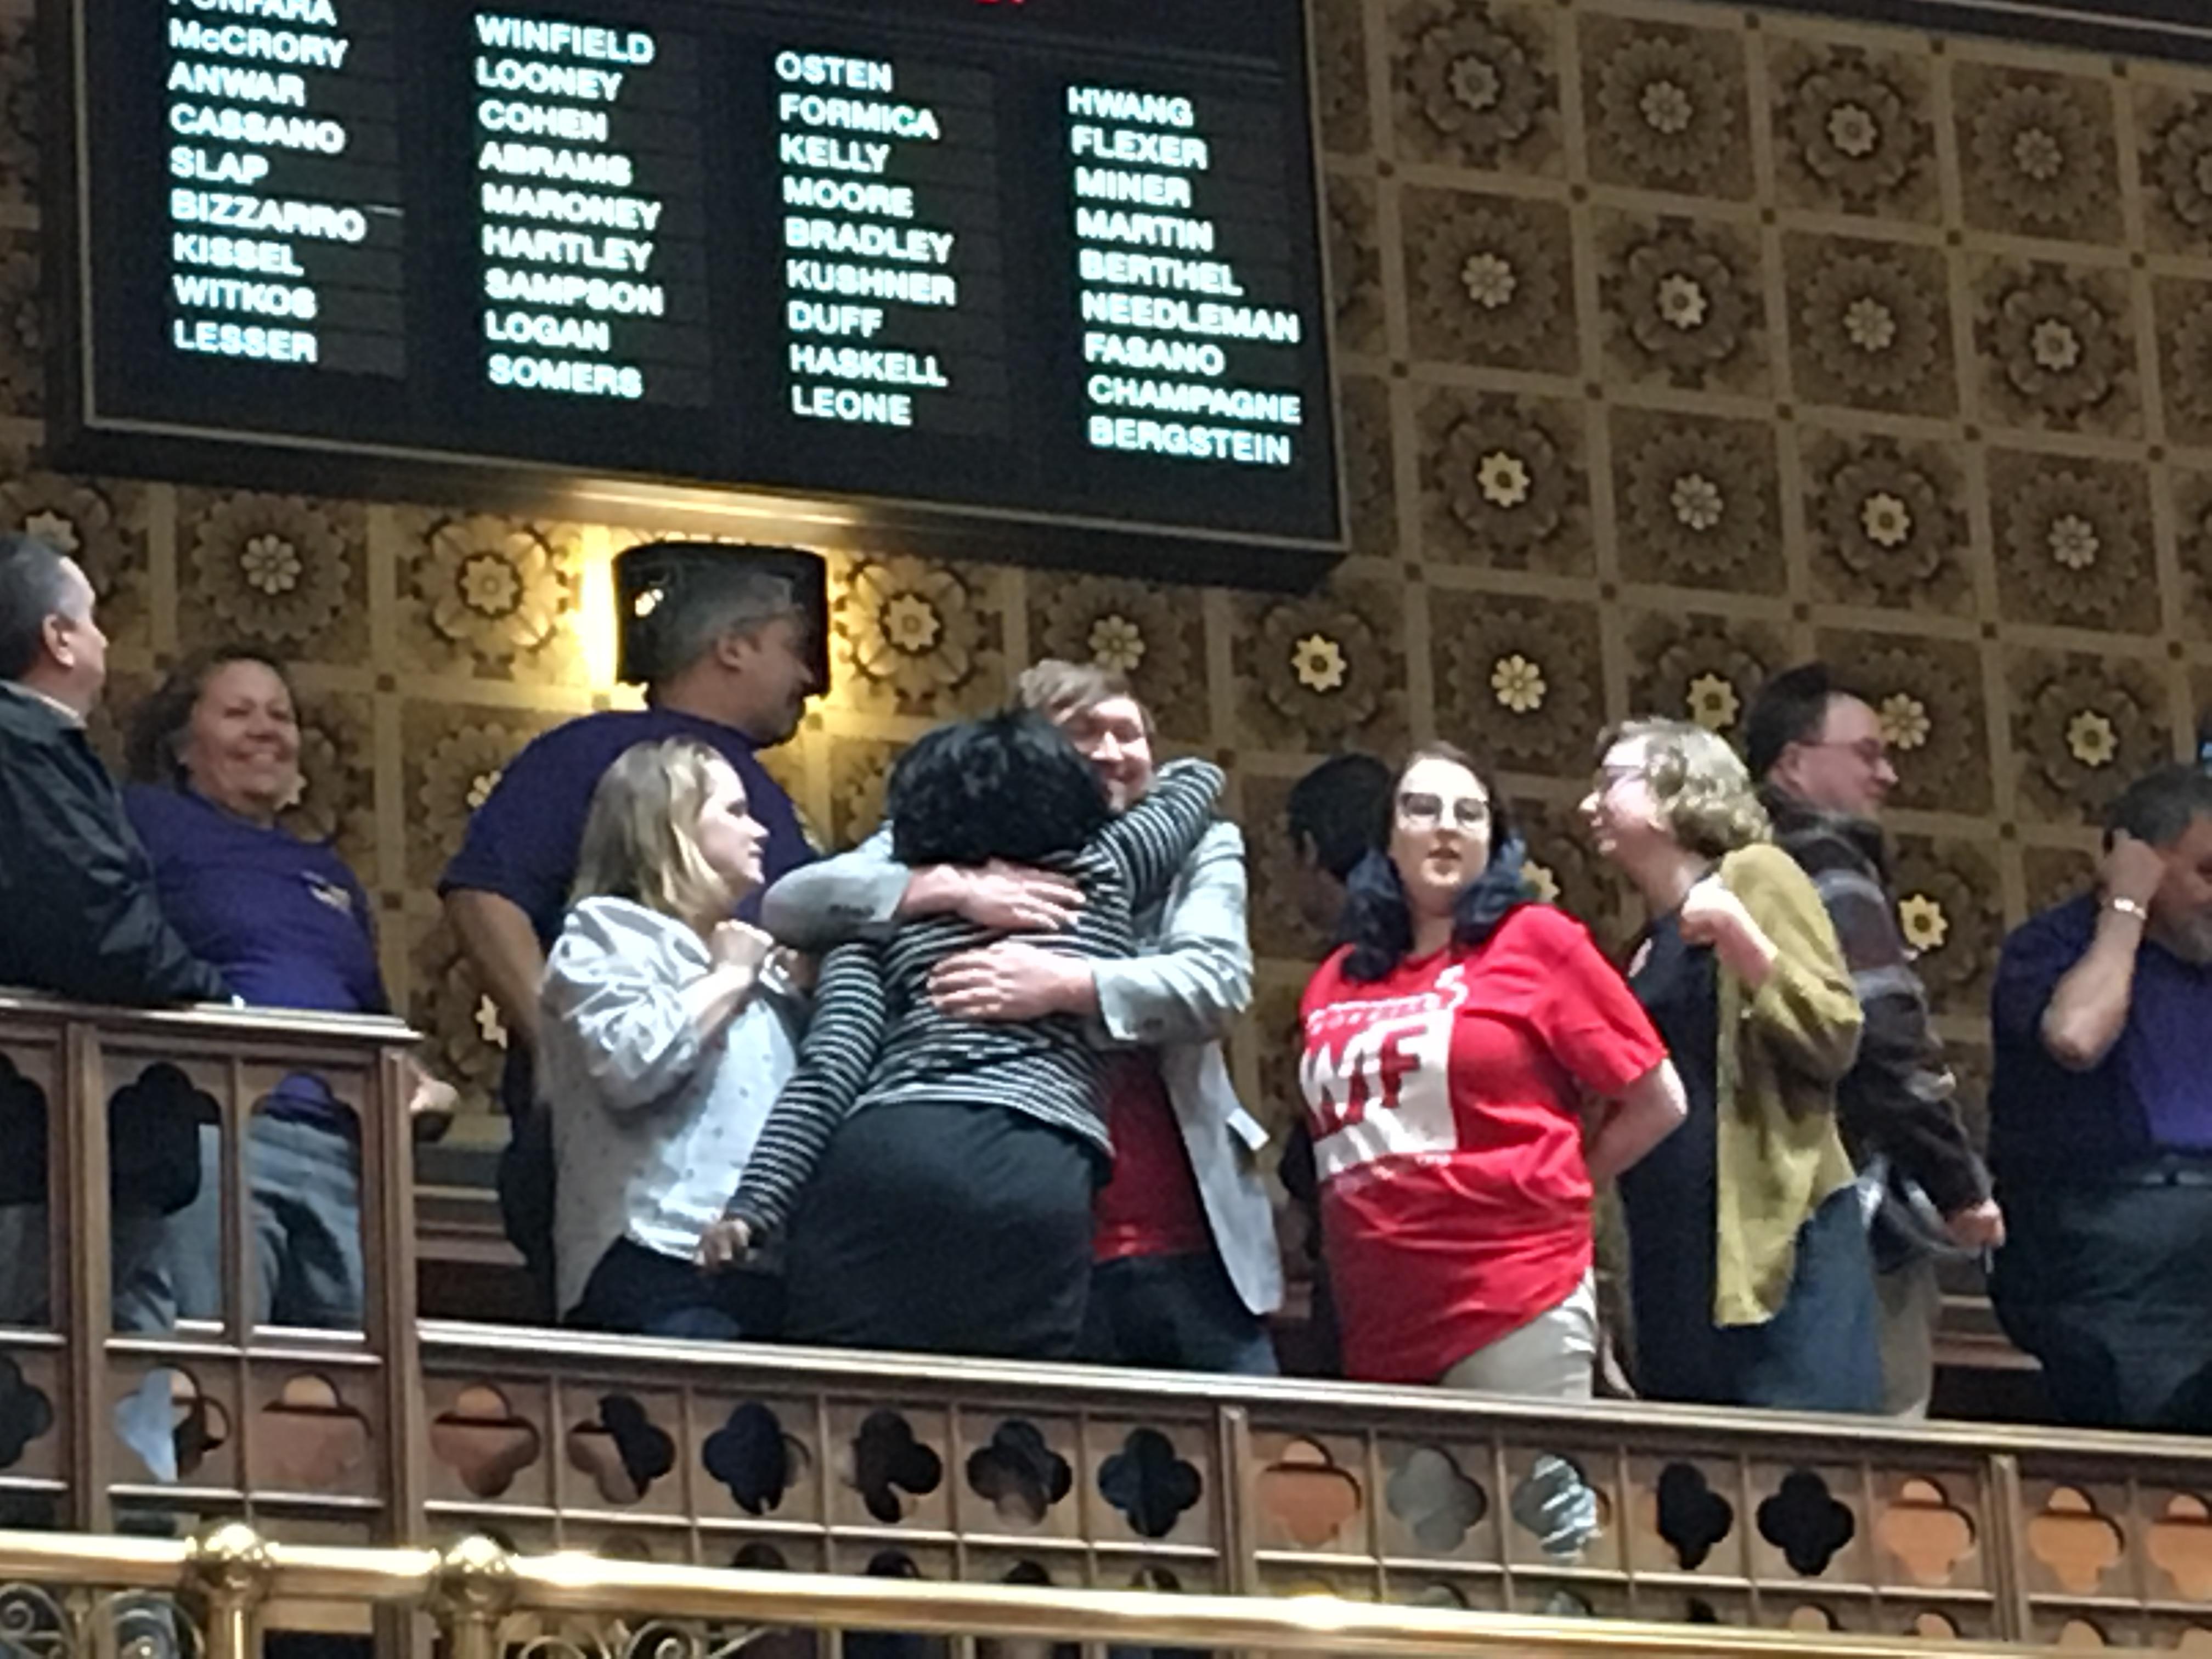 Senate sends $15 minimum wage bill to Lamont